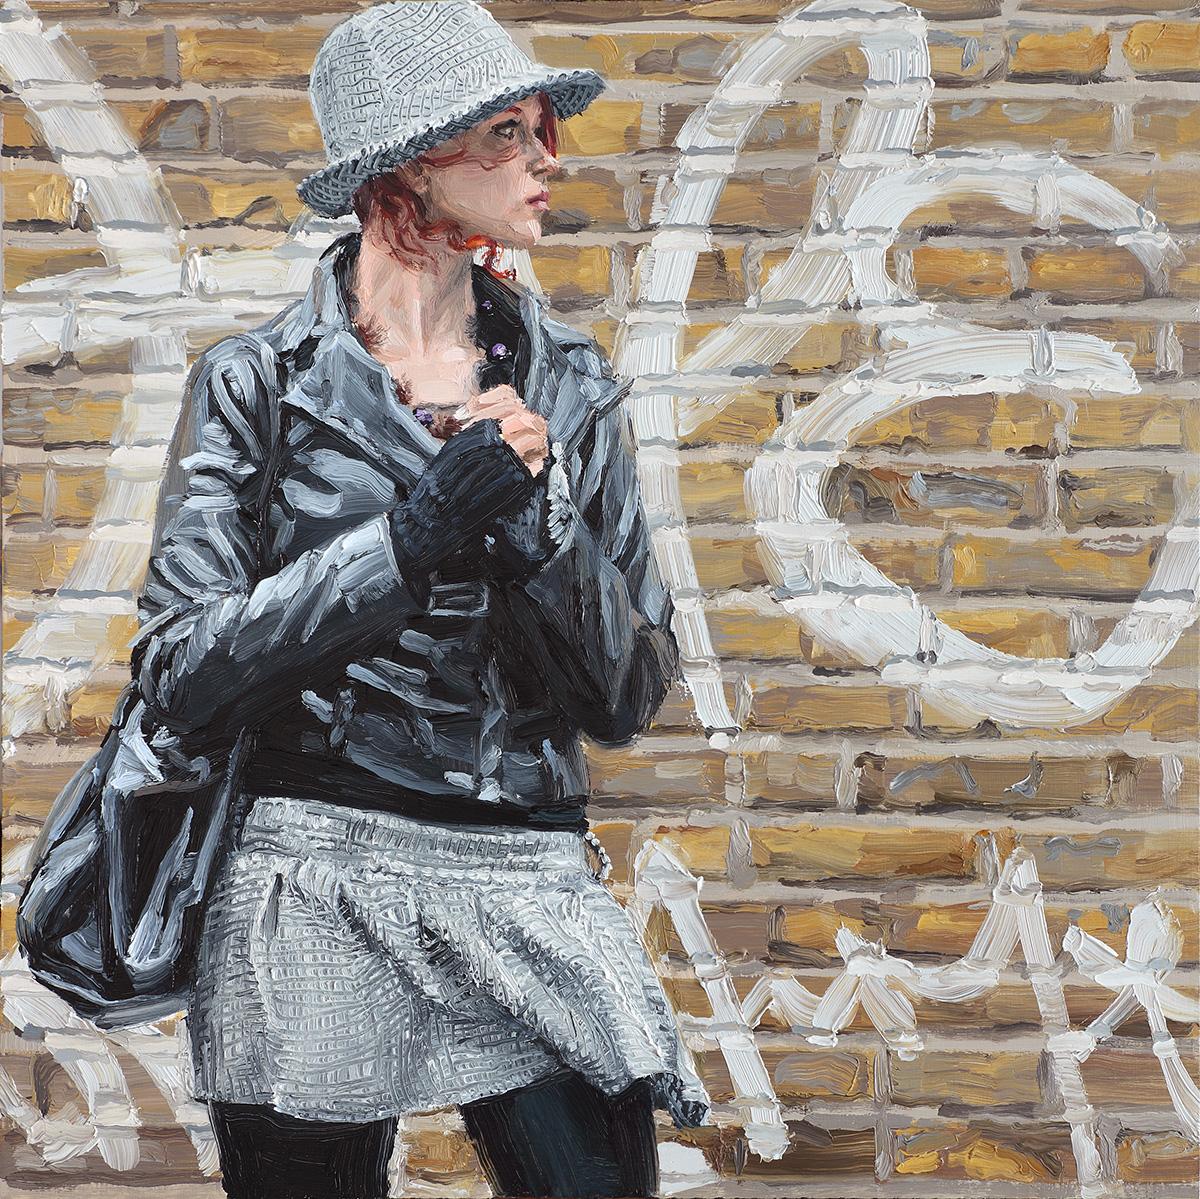 girl-graffiti-brick-wall.jpg